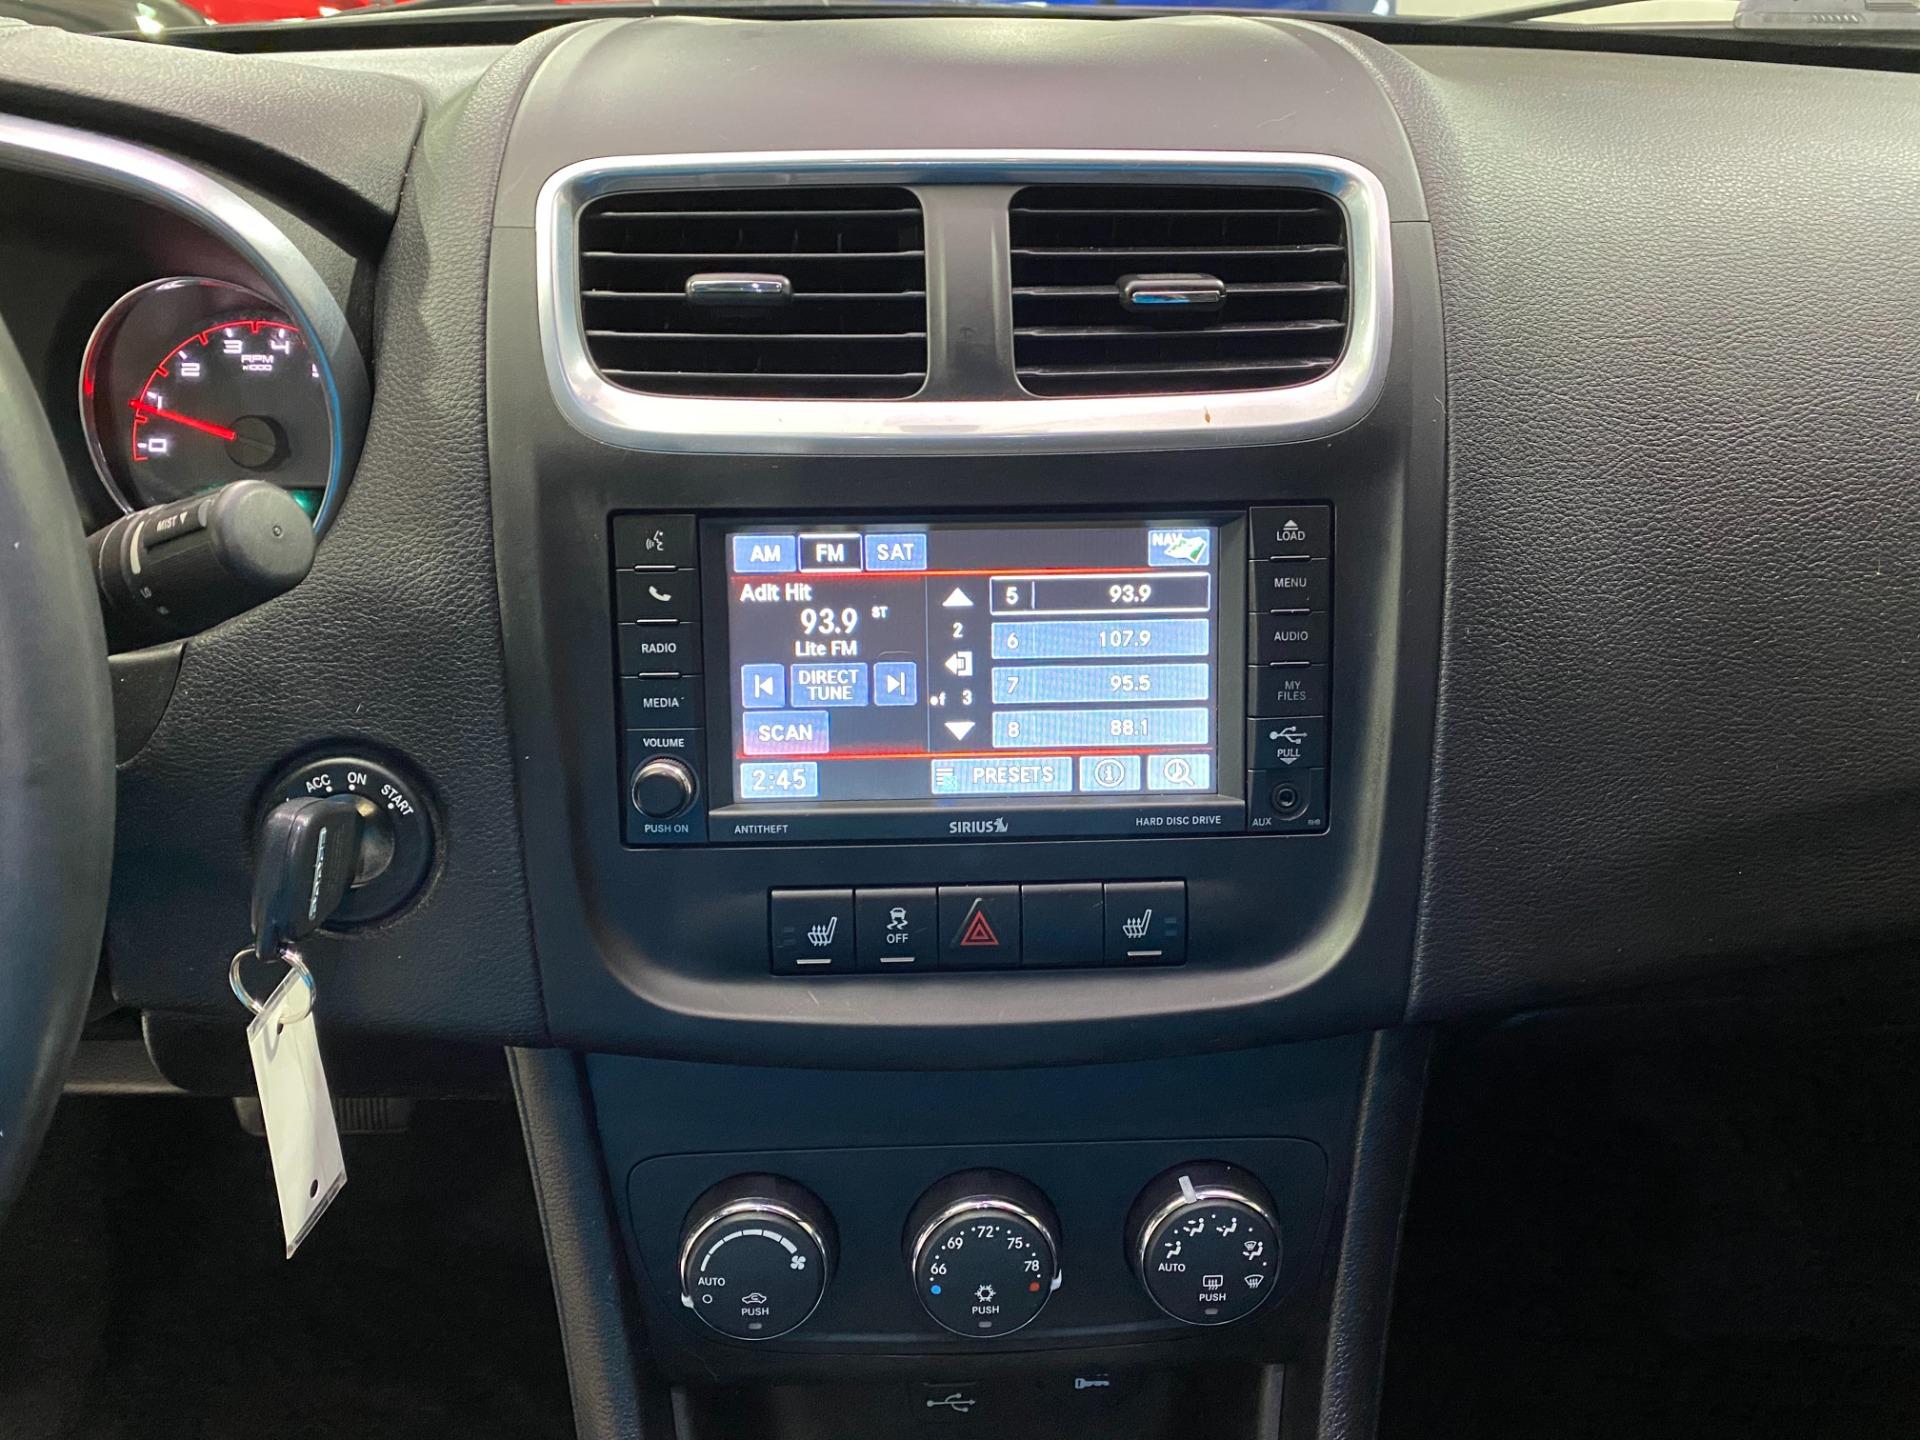 Used-2014-Dodge-Avenger-SXT-FWD